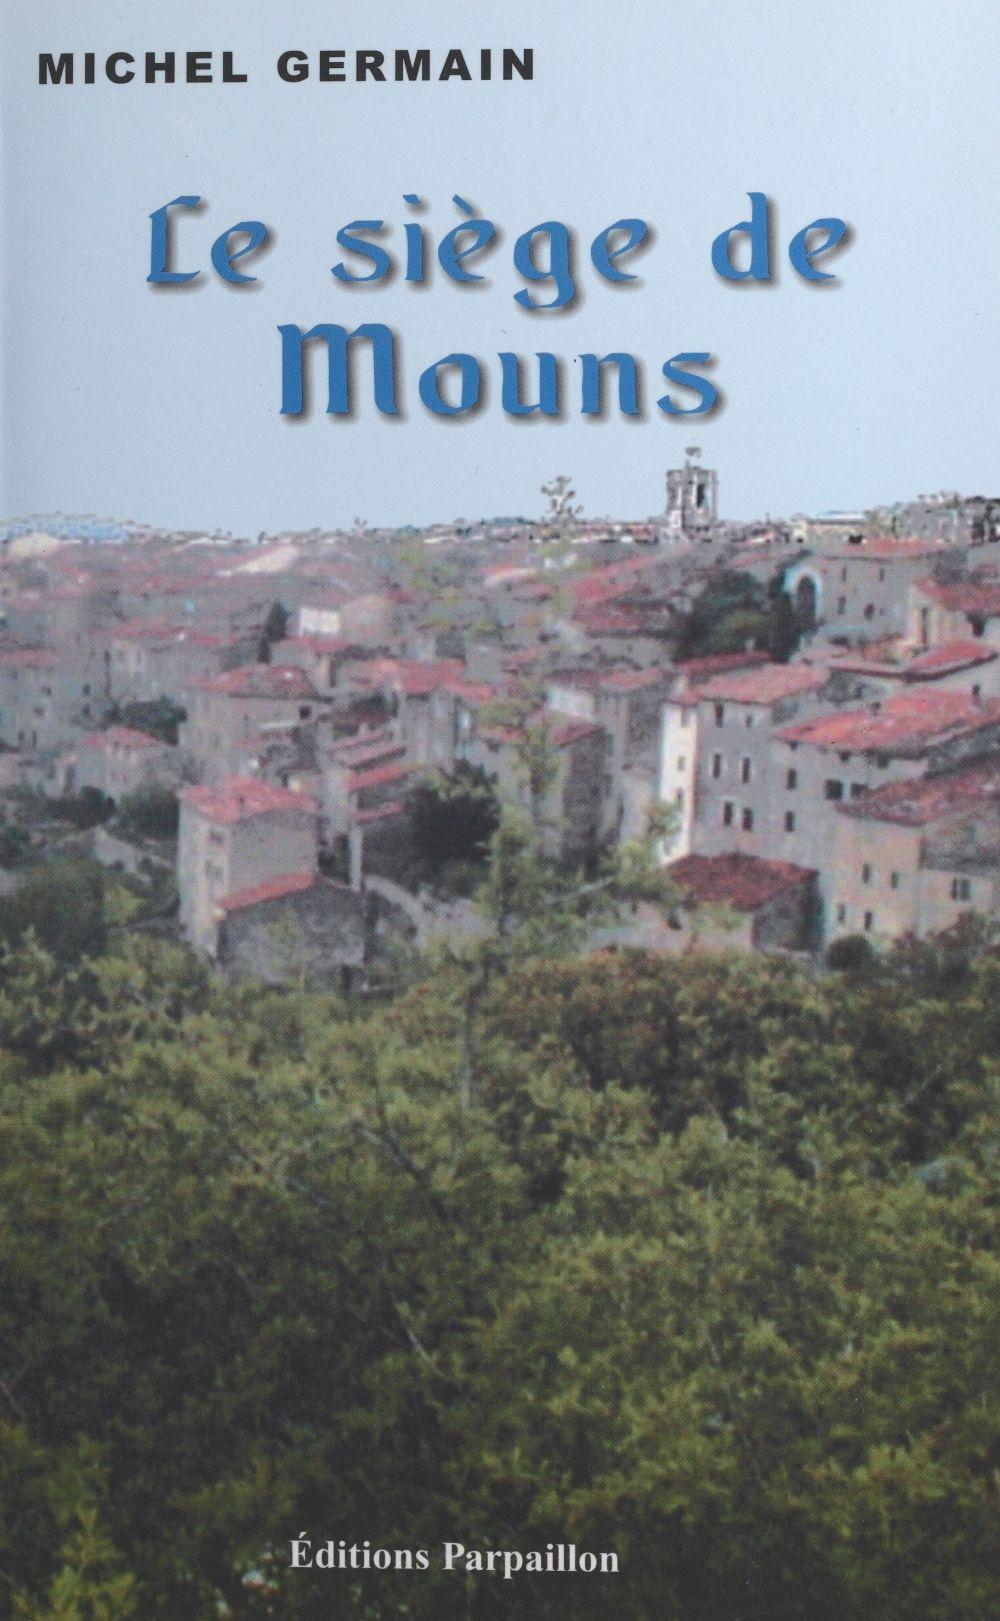 Le siege de mouns